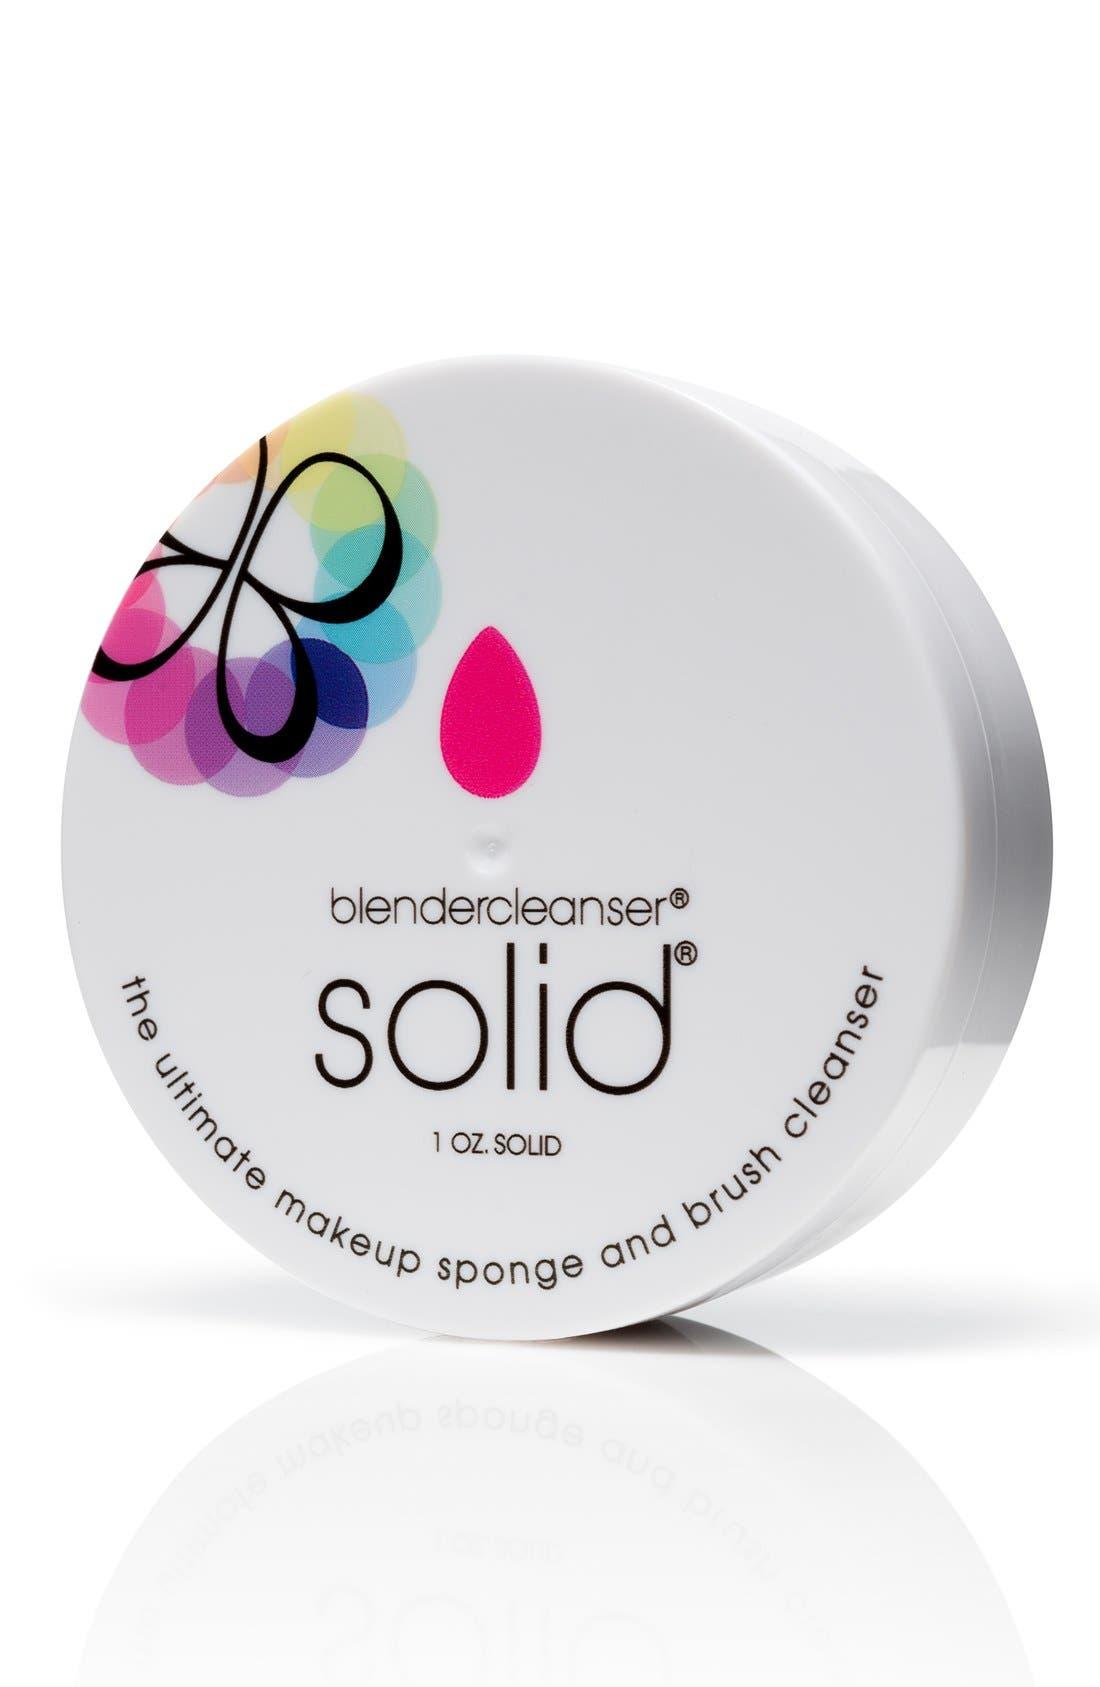 ,                             'blendercleanser<sup>®</sup> Solid<sup>™</sup>' Makeup Sponge Cleanser,                             Main thumbnail 1, color,                             NO COLOR